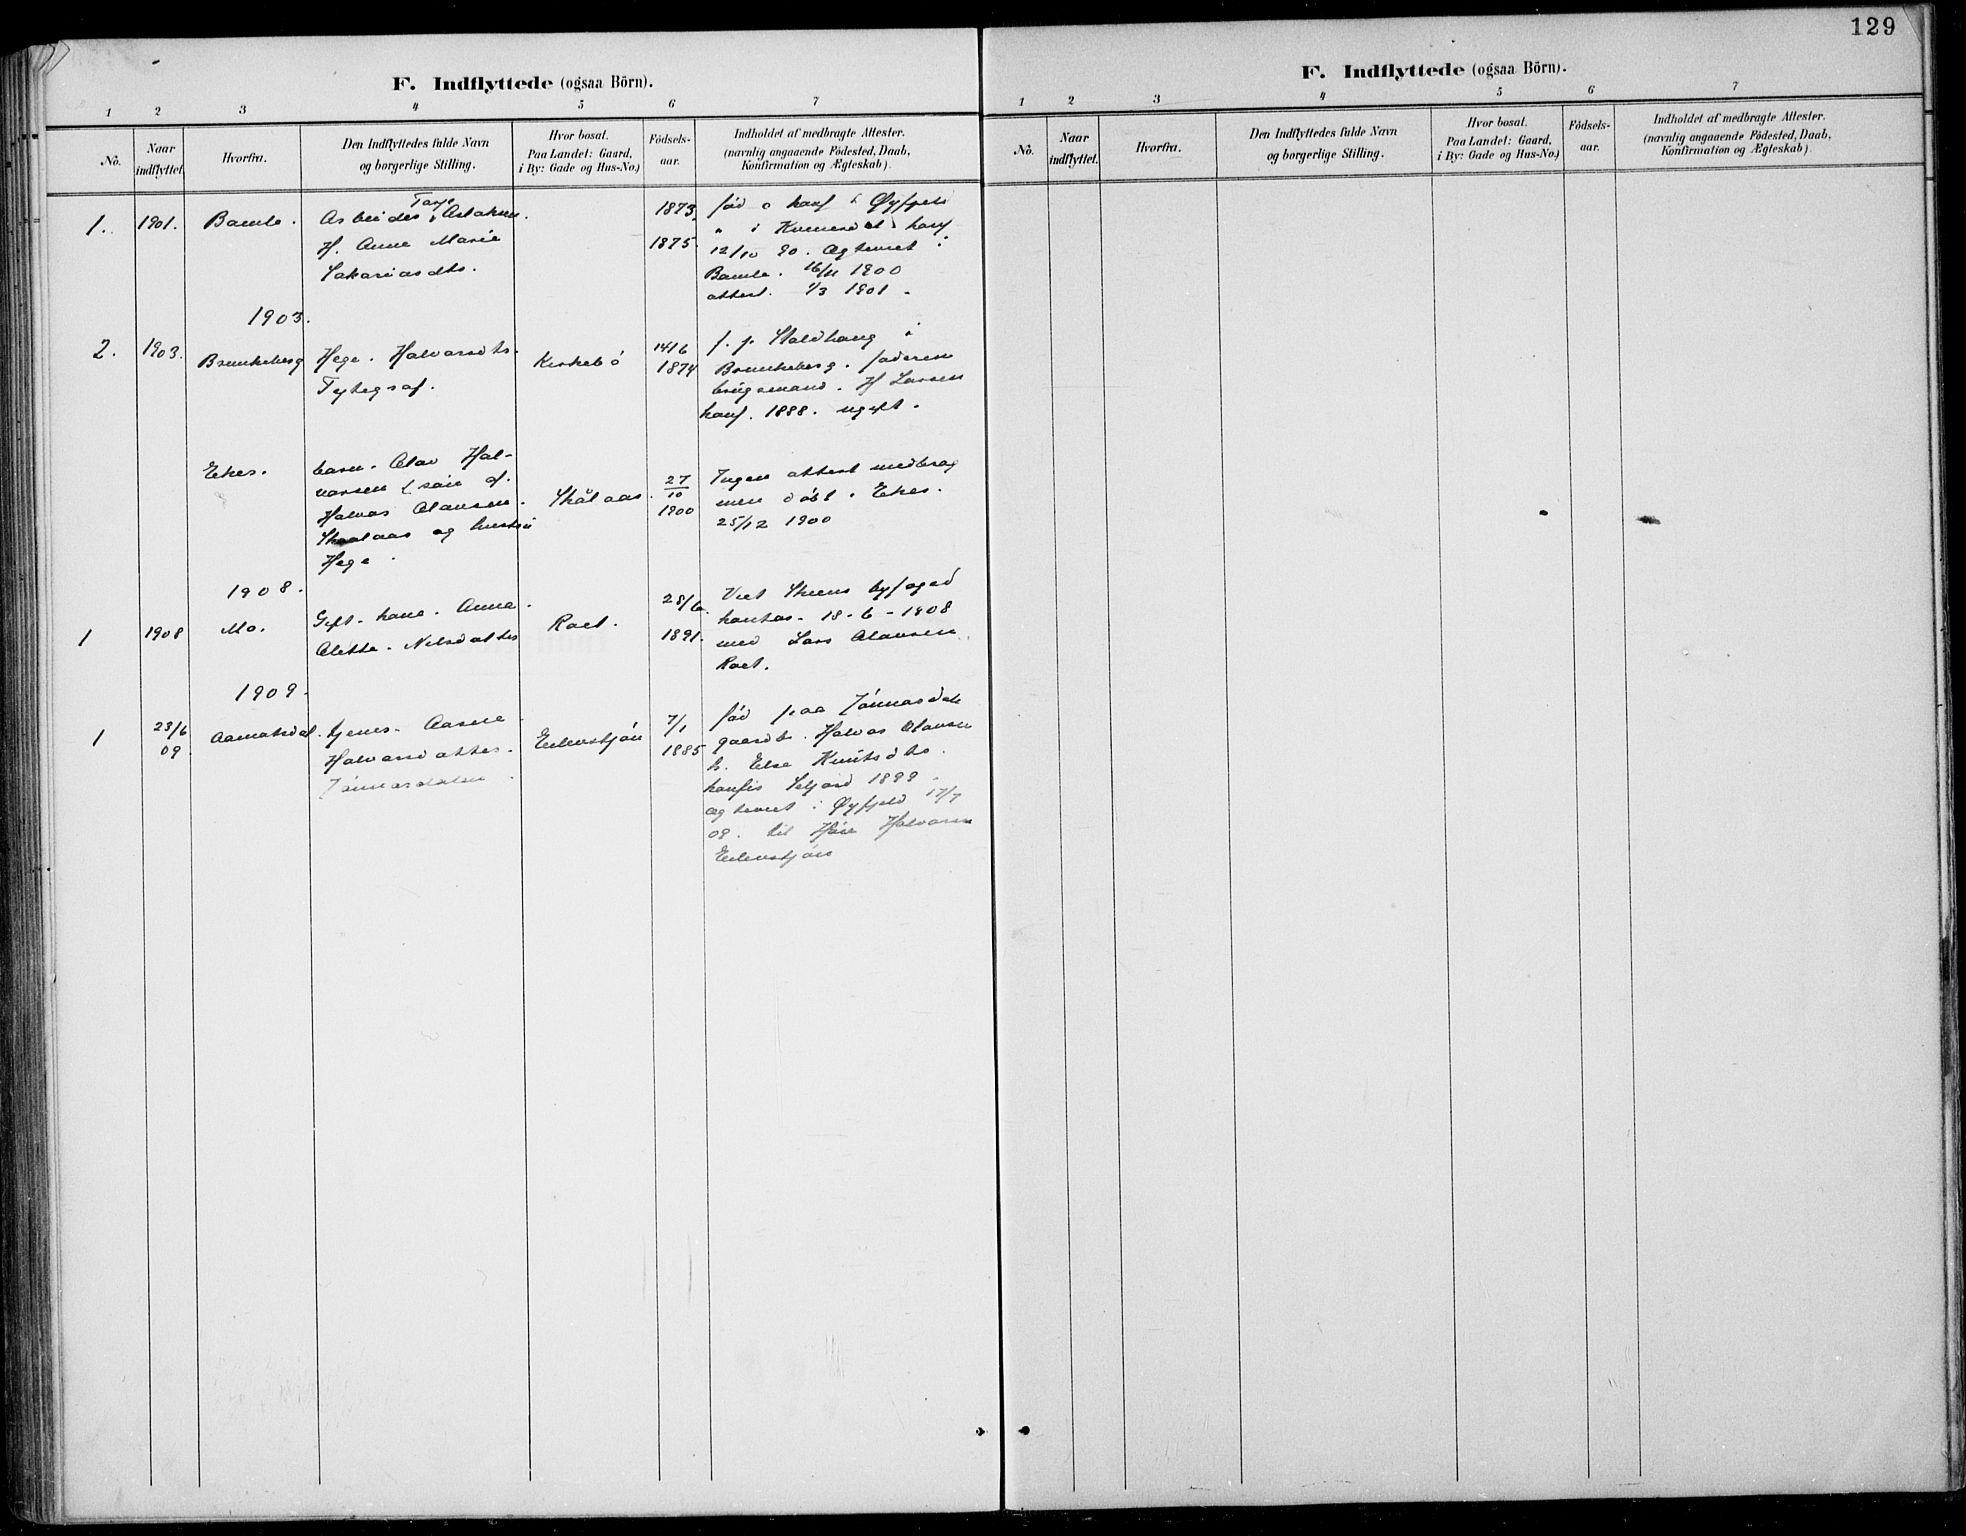 SAKO, Rauland kirkebøker, G/Gb/L0002: Klokkerbok nr. II 2, 1887-1937, s. 129